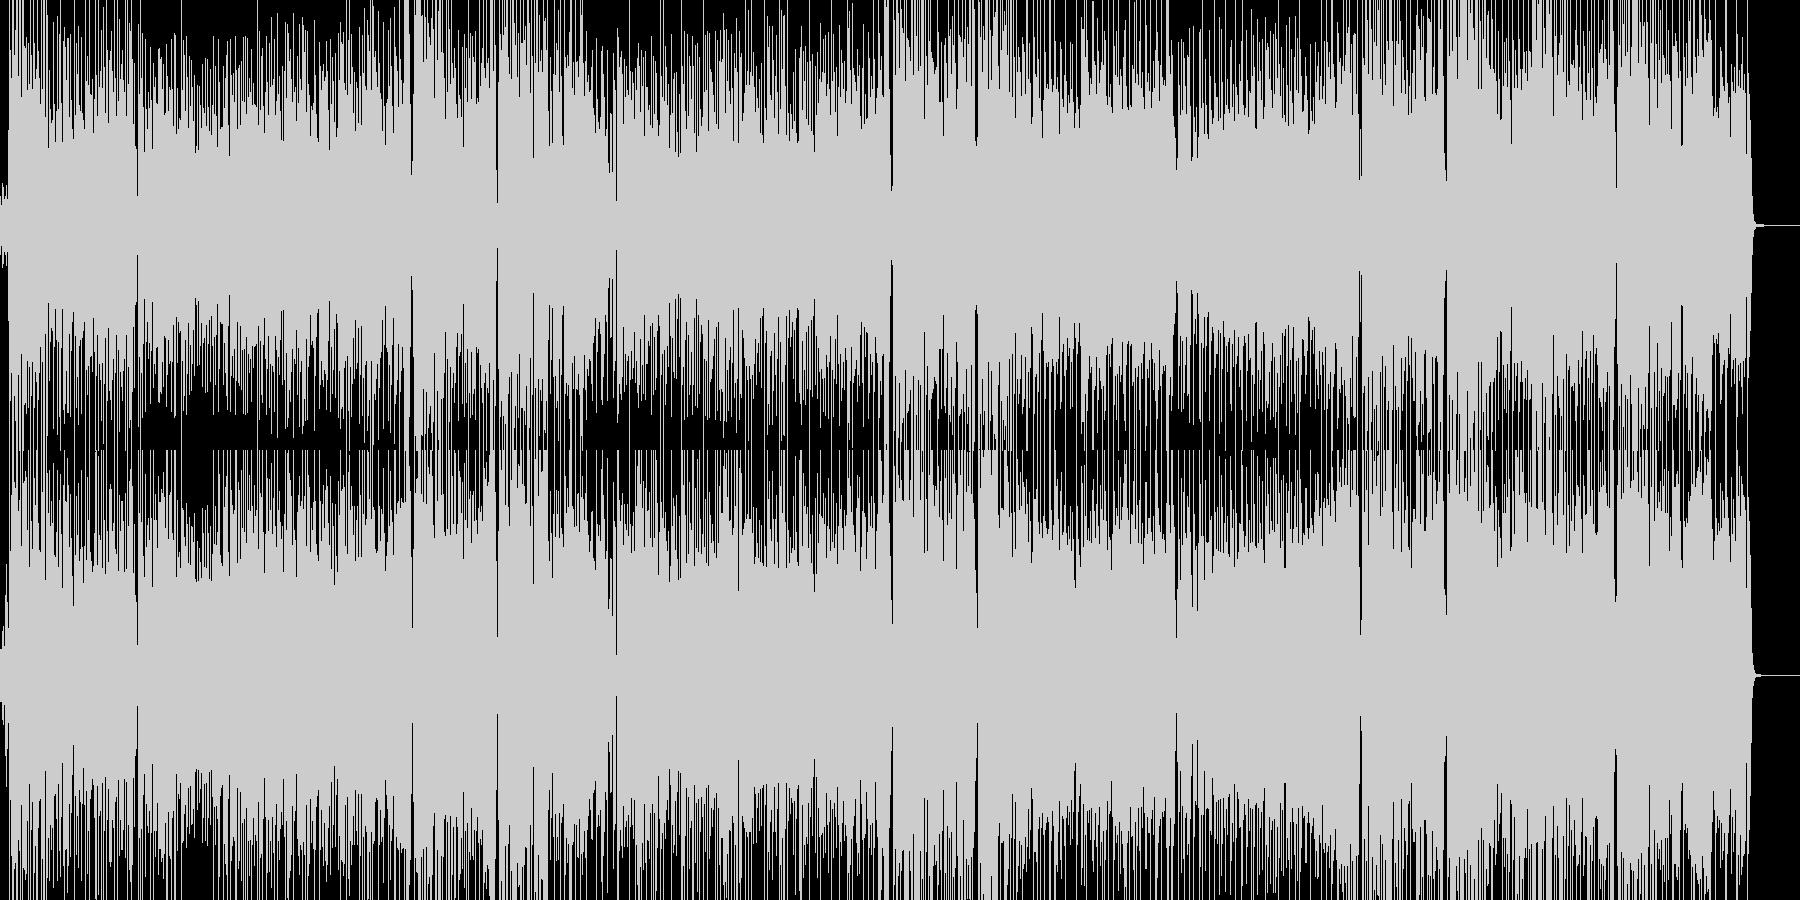 女性ボーカルのアップテンポでジャジーな曲の未再生の波形